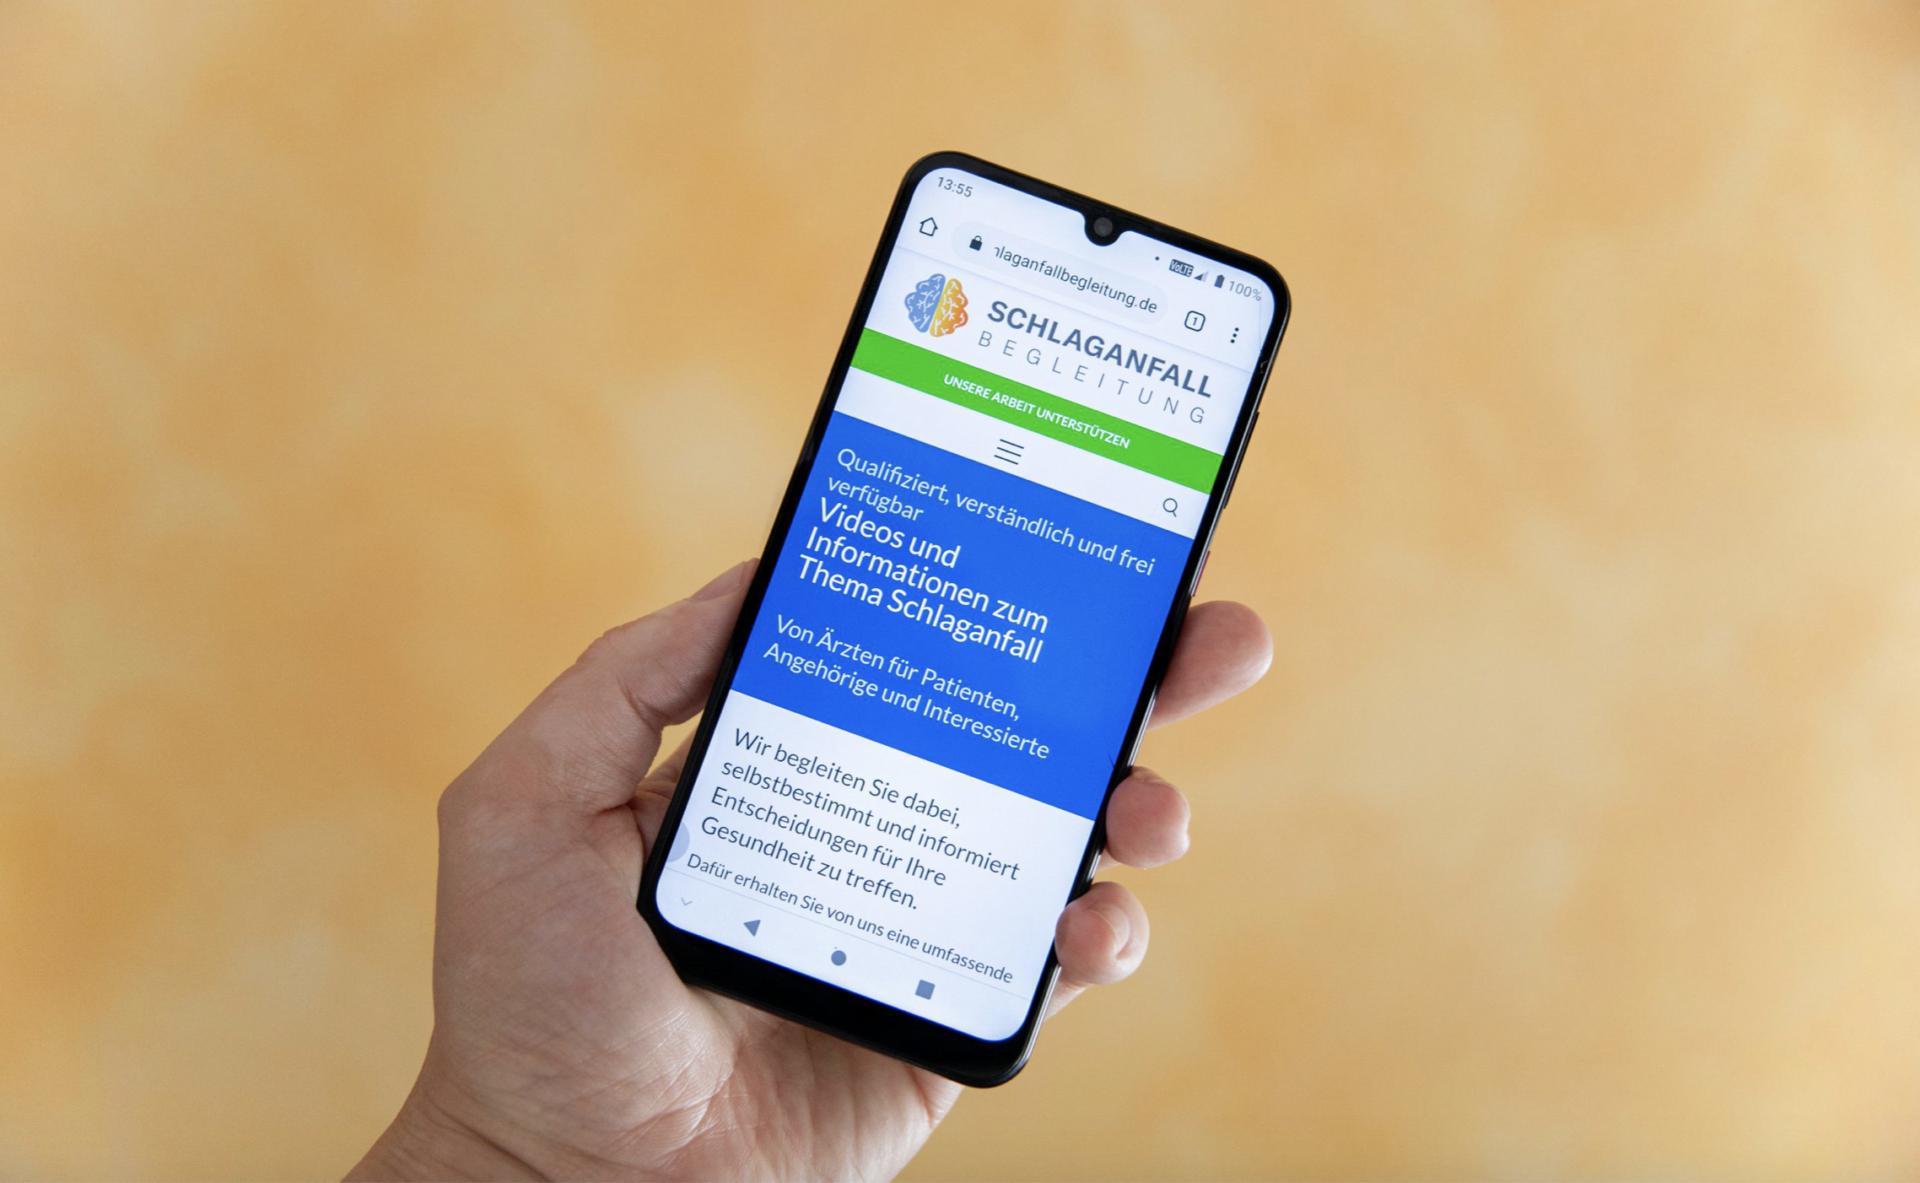 Screenshot der mobilen Ansicht des Gesundheitsportals Schlaganfallbegleitung.de auf dem Handy